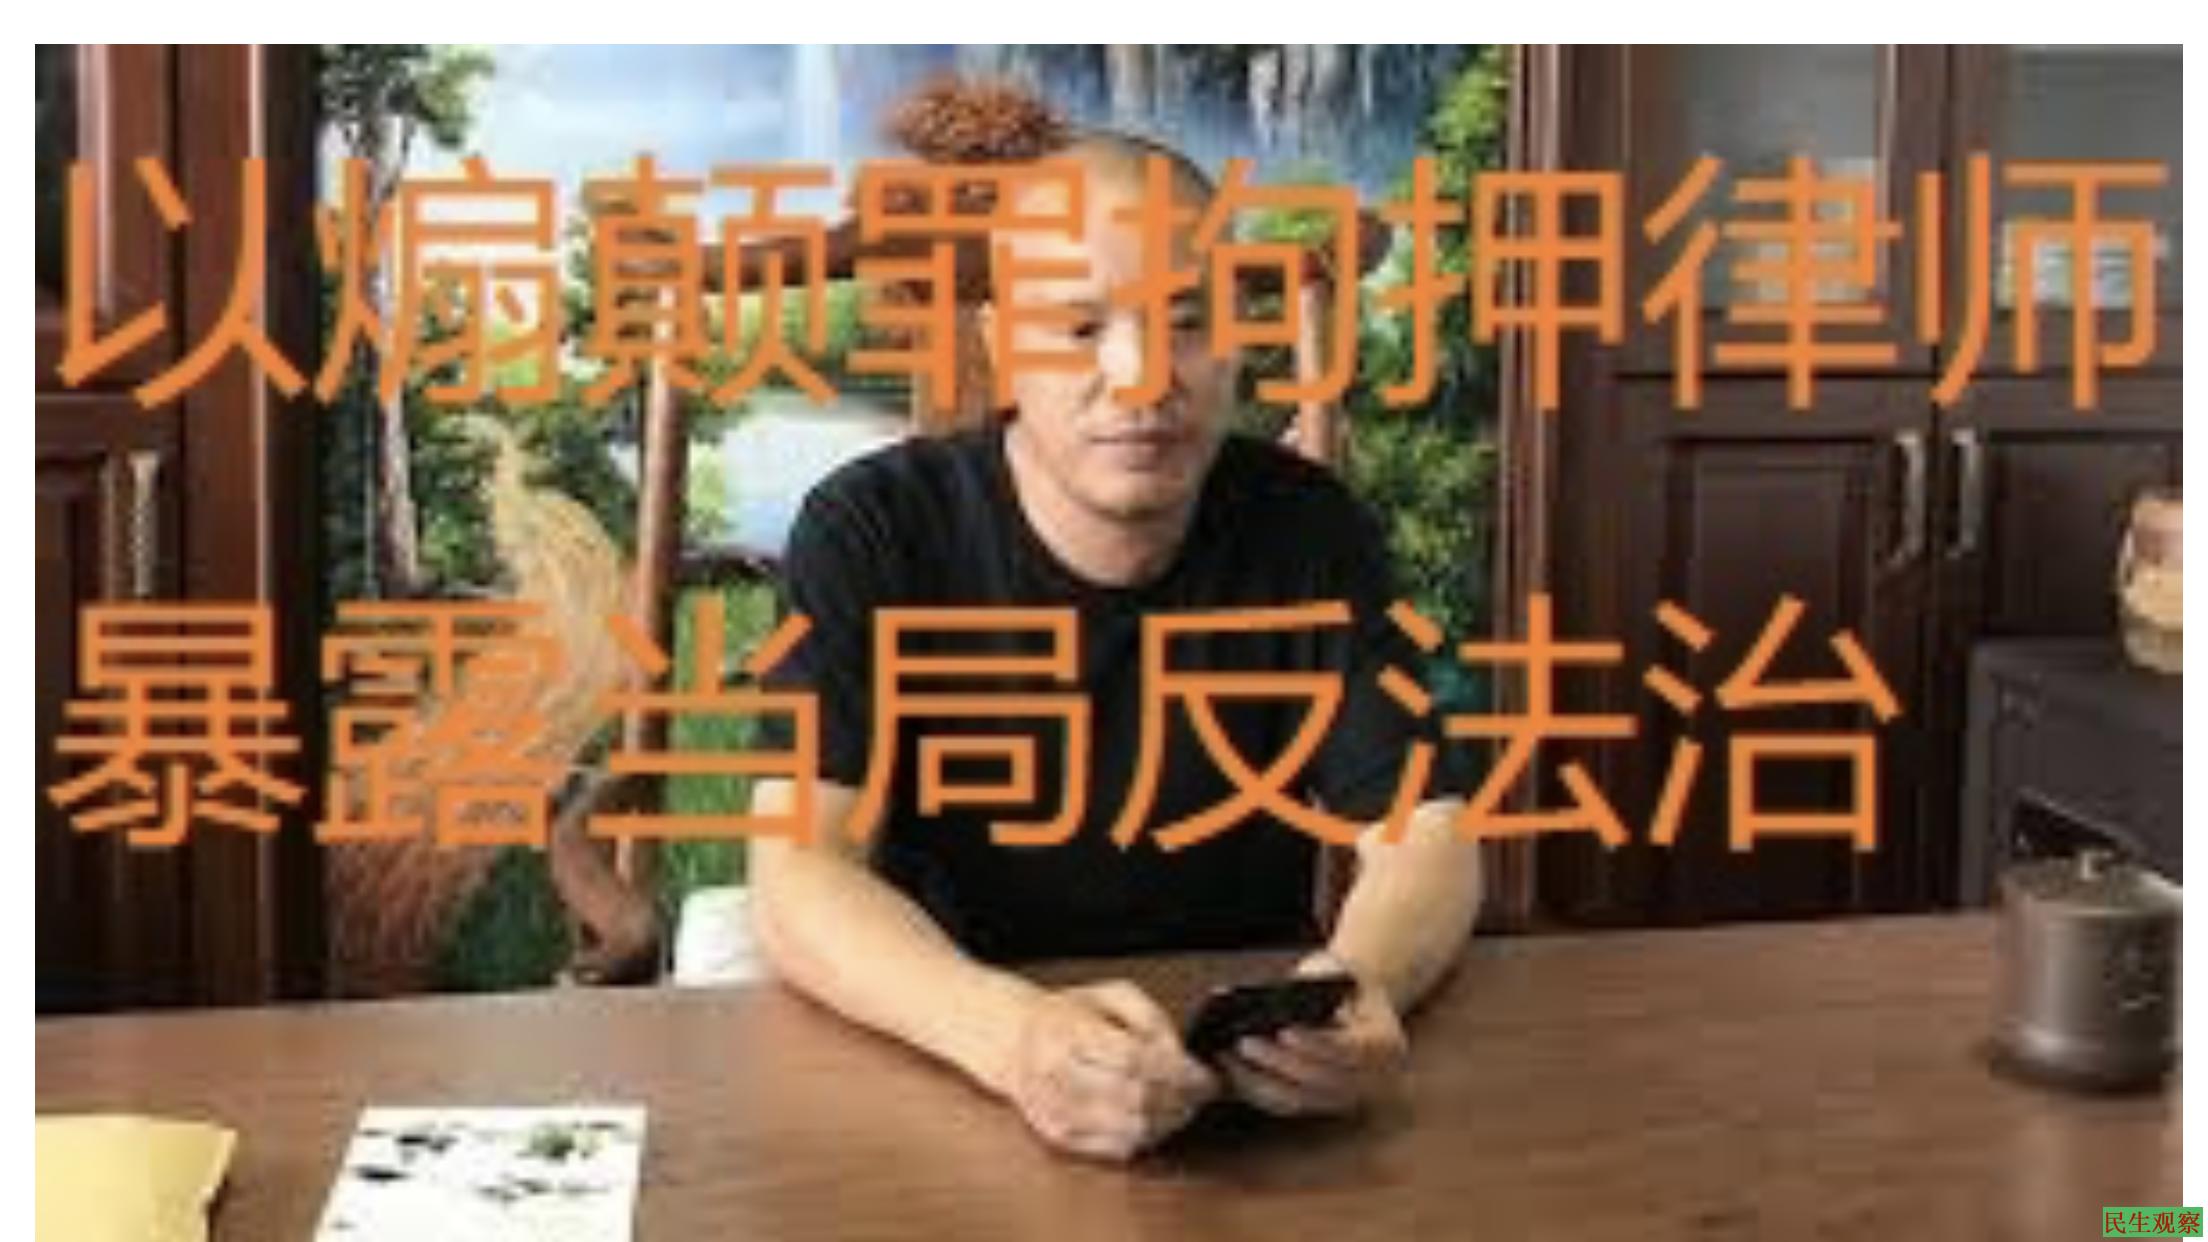 """广西律师接连遭遇""""煽颠罪""""揭示中共反法治"""